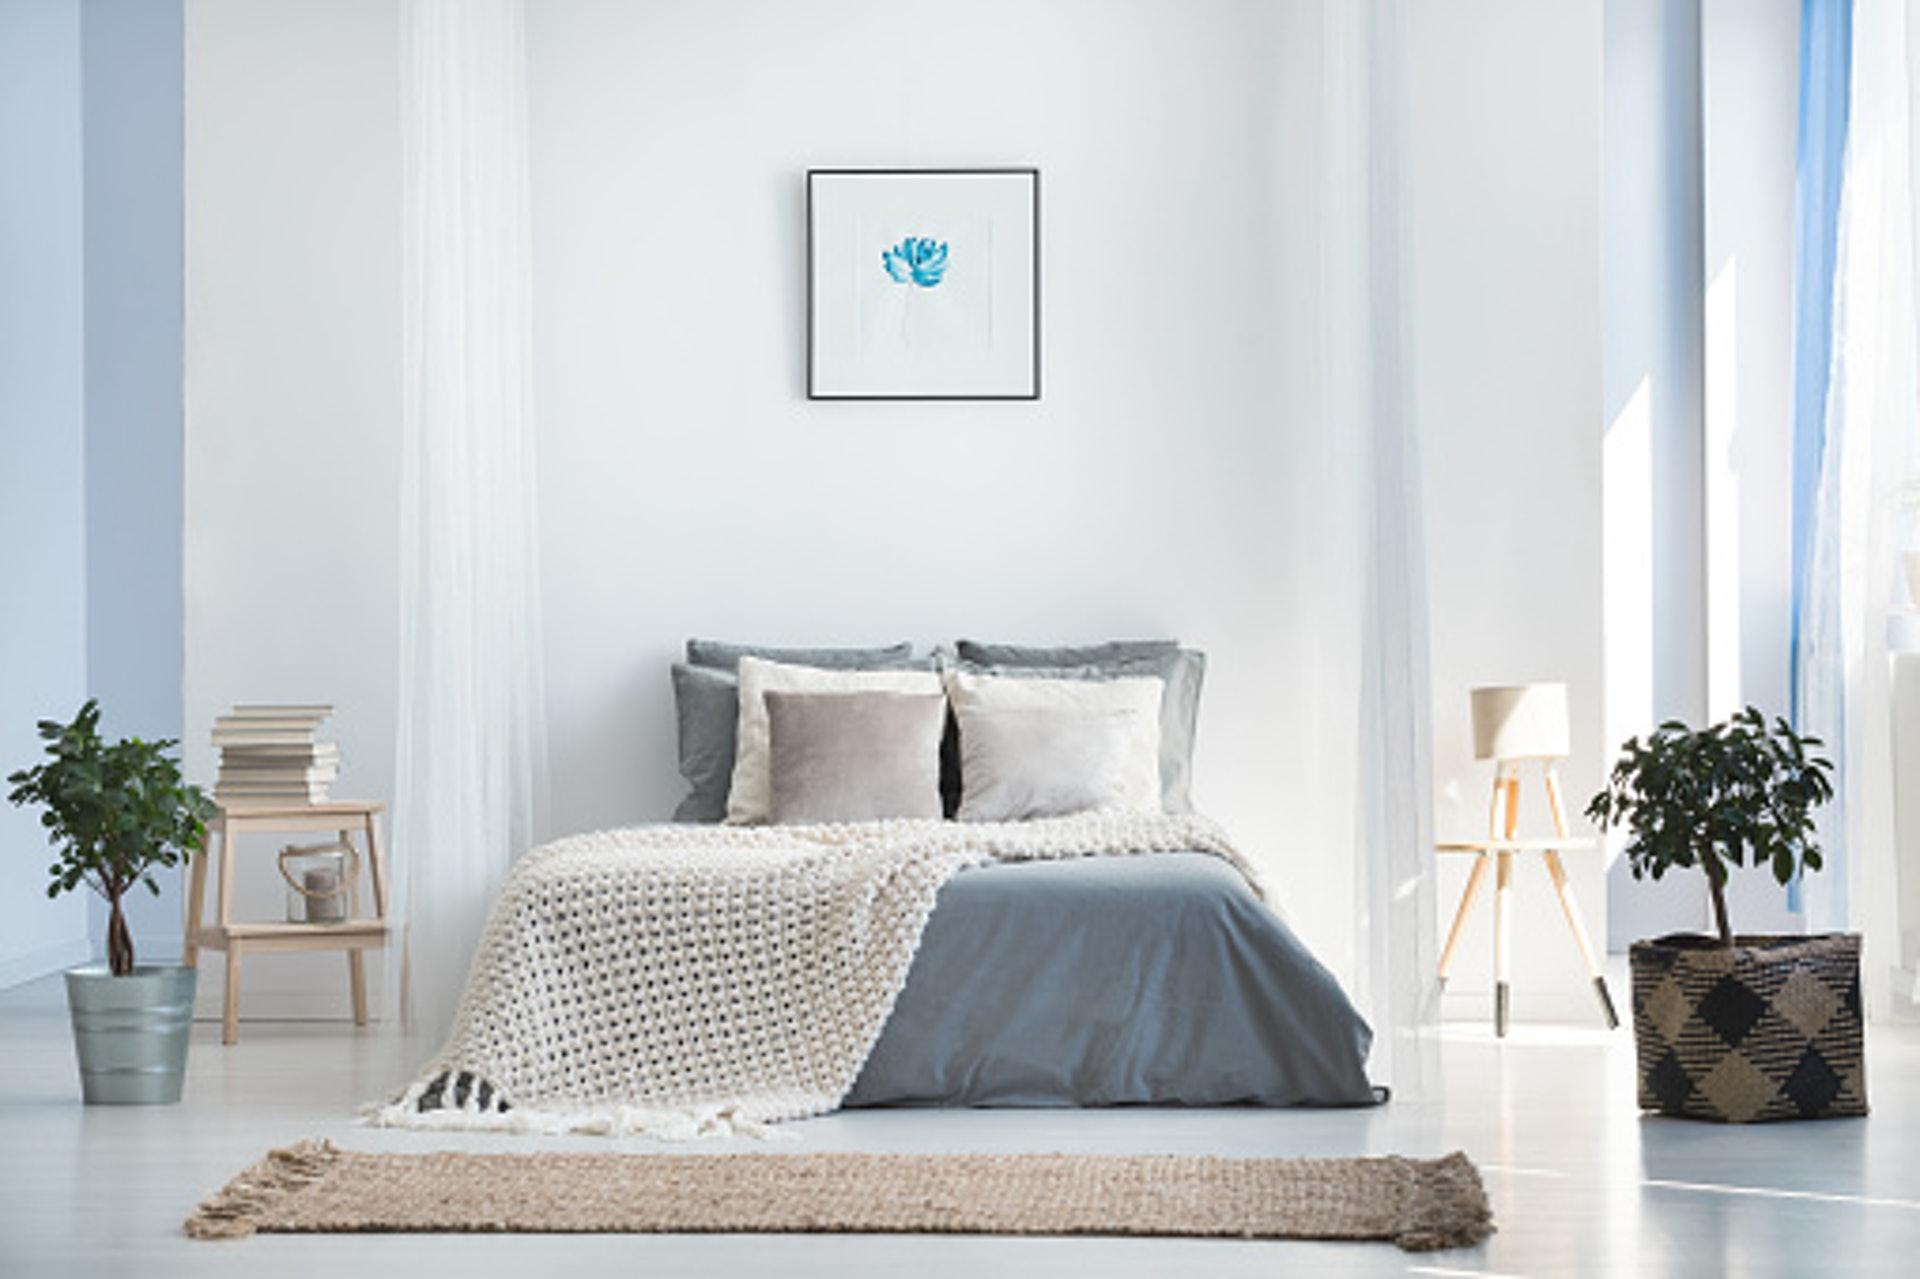 藍調優雅風屬於更加沉穩的選項,利用灰與深藍這兩個北歐色系作為主要的配色,帶給人一種俐落與幹練的感覺,但同時卻又不失其優雅的氣質。/© GettyImages (視覺中國)